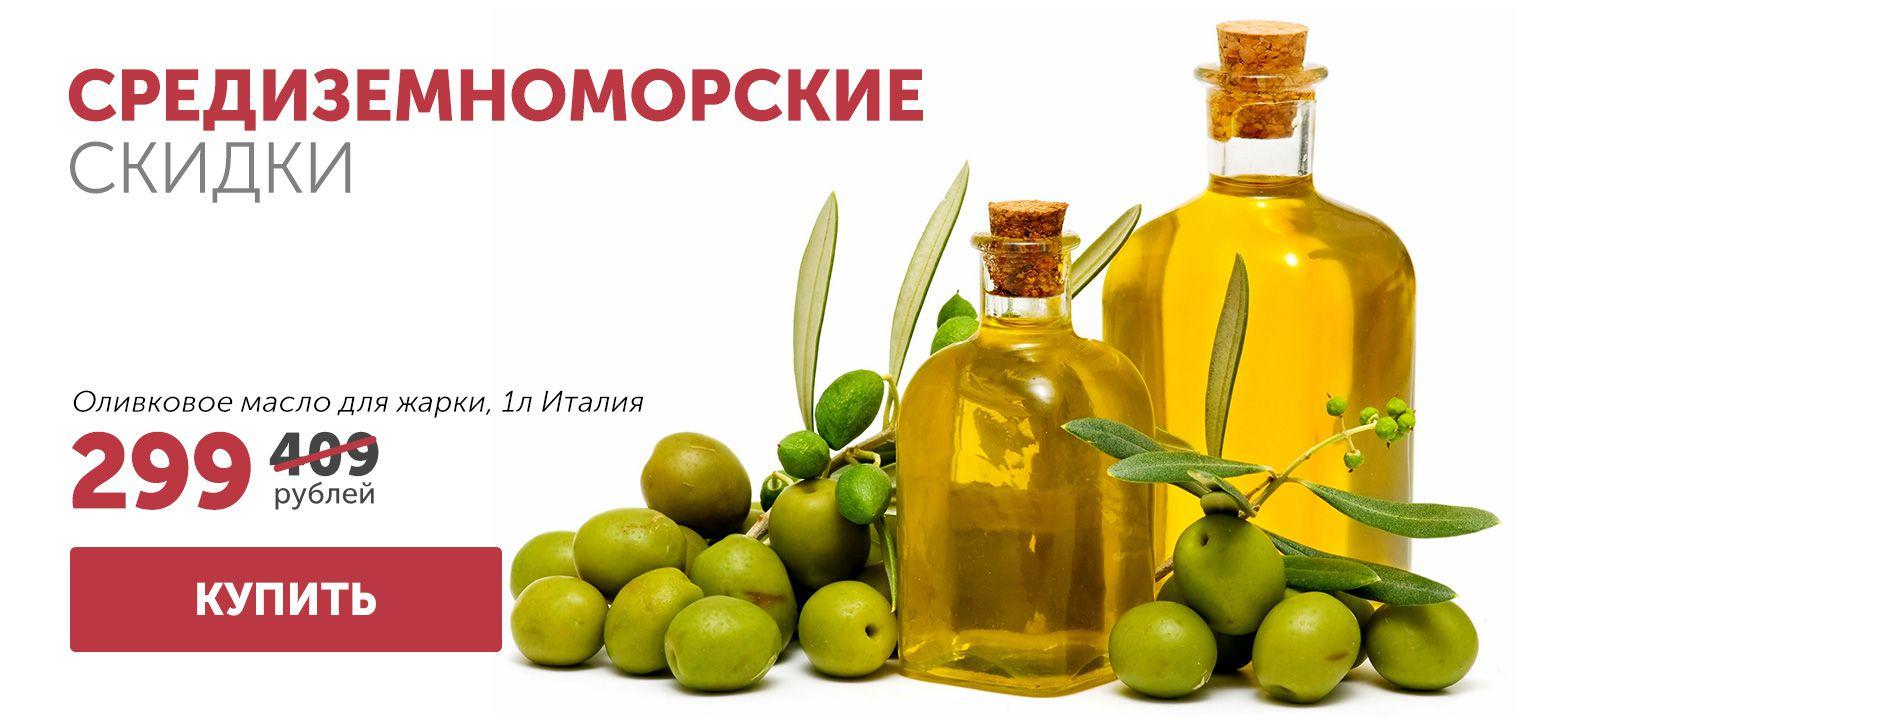 средиземноморские скидки Деликатесска delikateska.ru